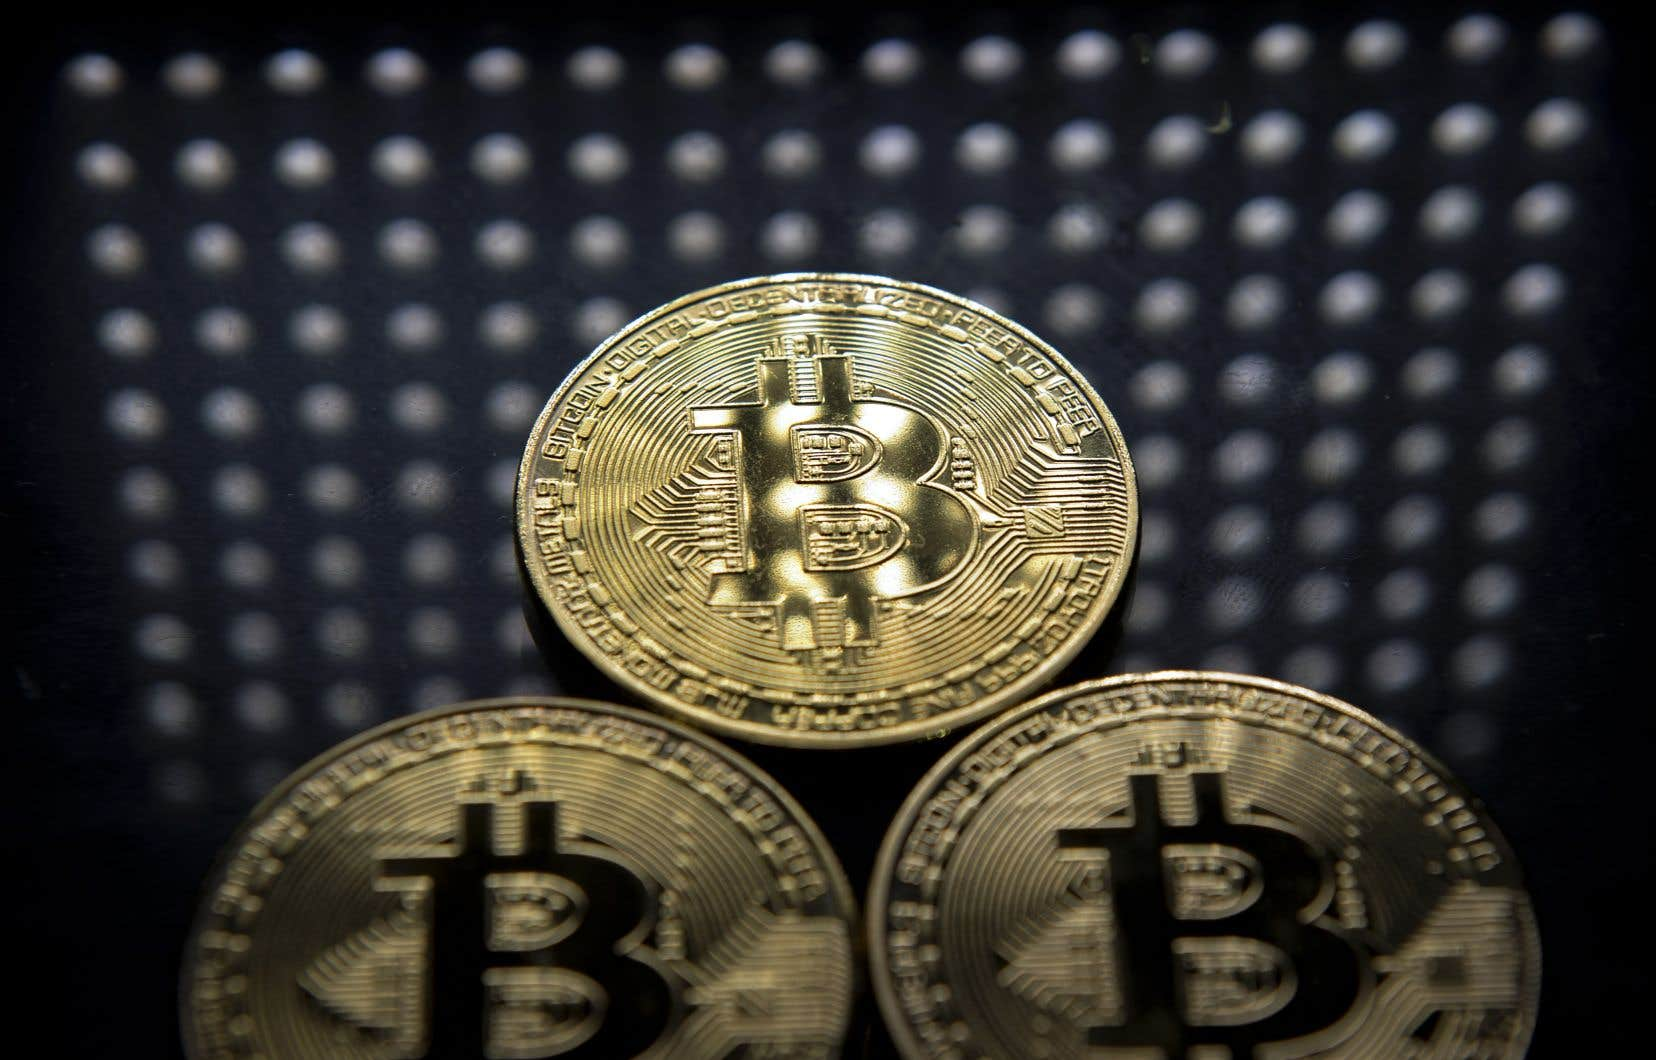 Le bitcoin est présent sur des plateformes d'échange spécifiques et non sur des marchés régulés.